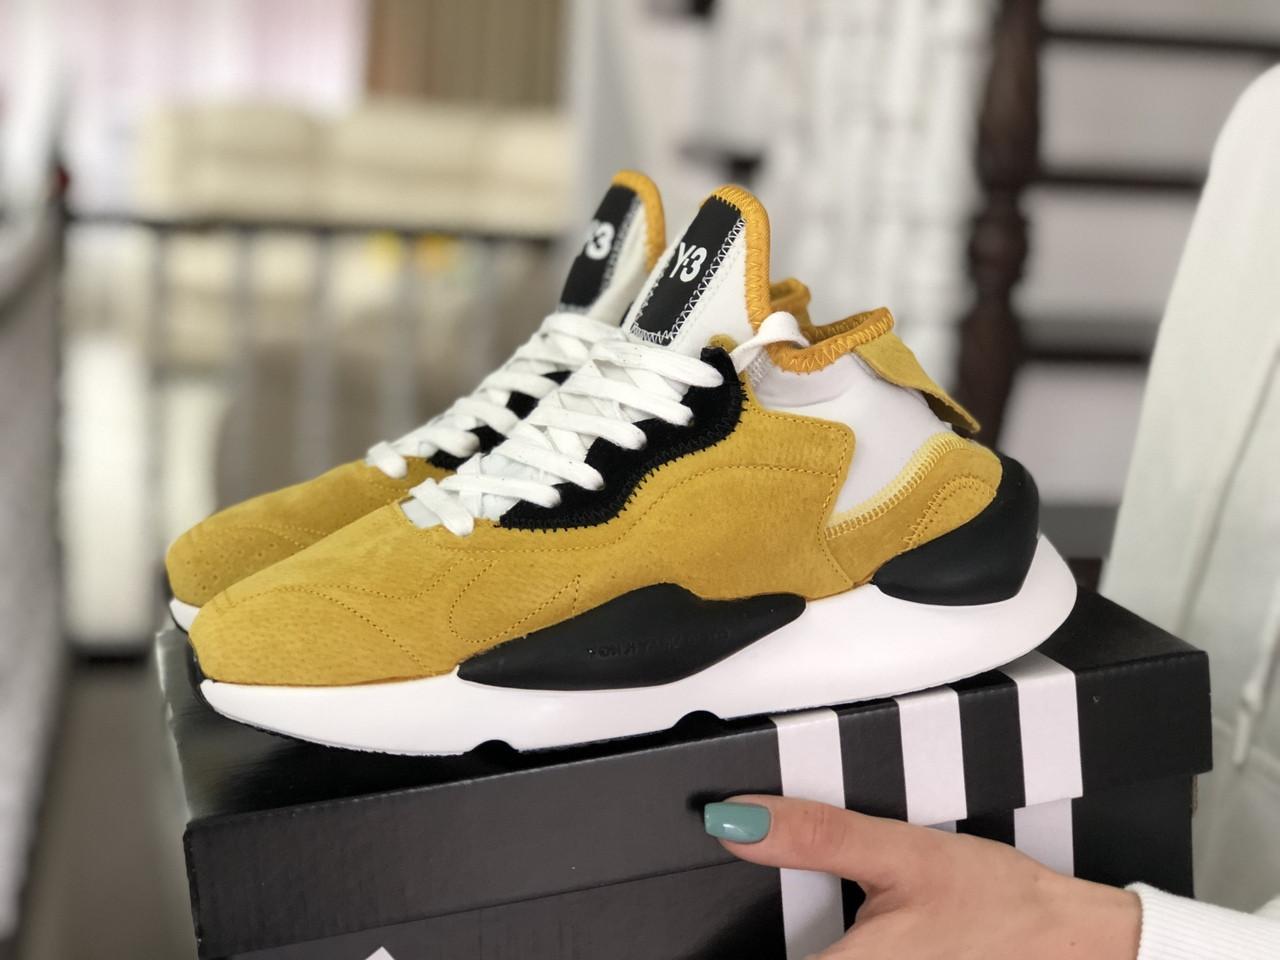 Кроссовки (в стиле) женские Adidas Y-3 Kaiwa замшевые,желтые (горчичные)